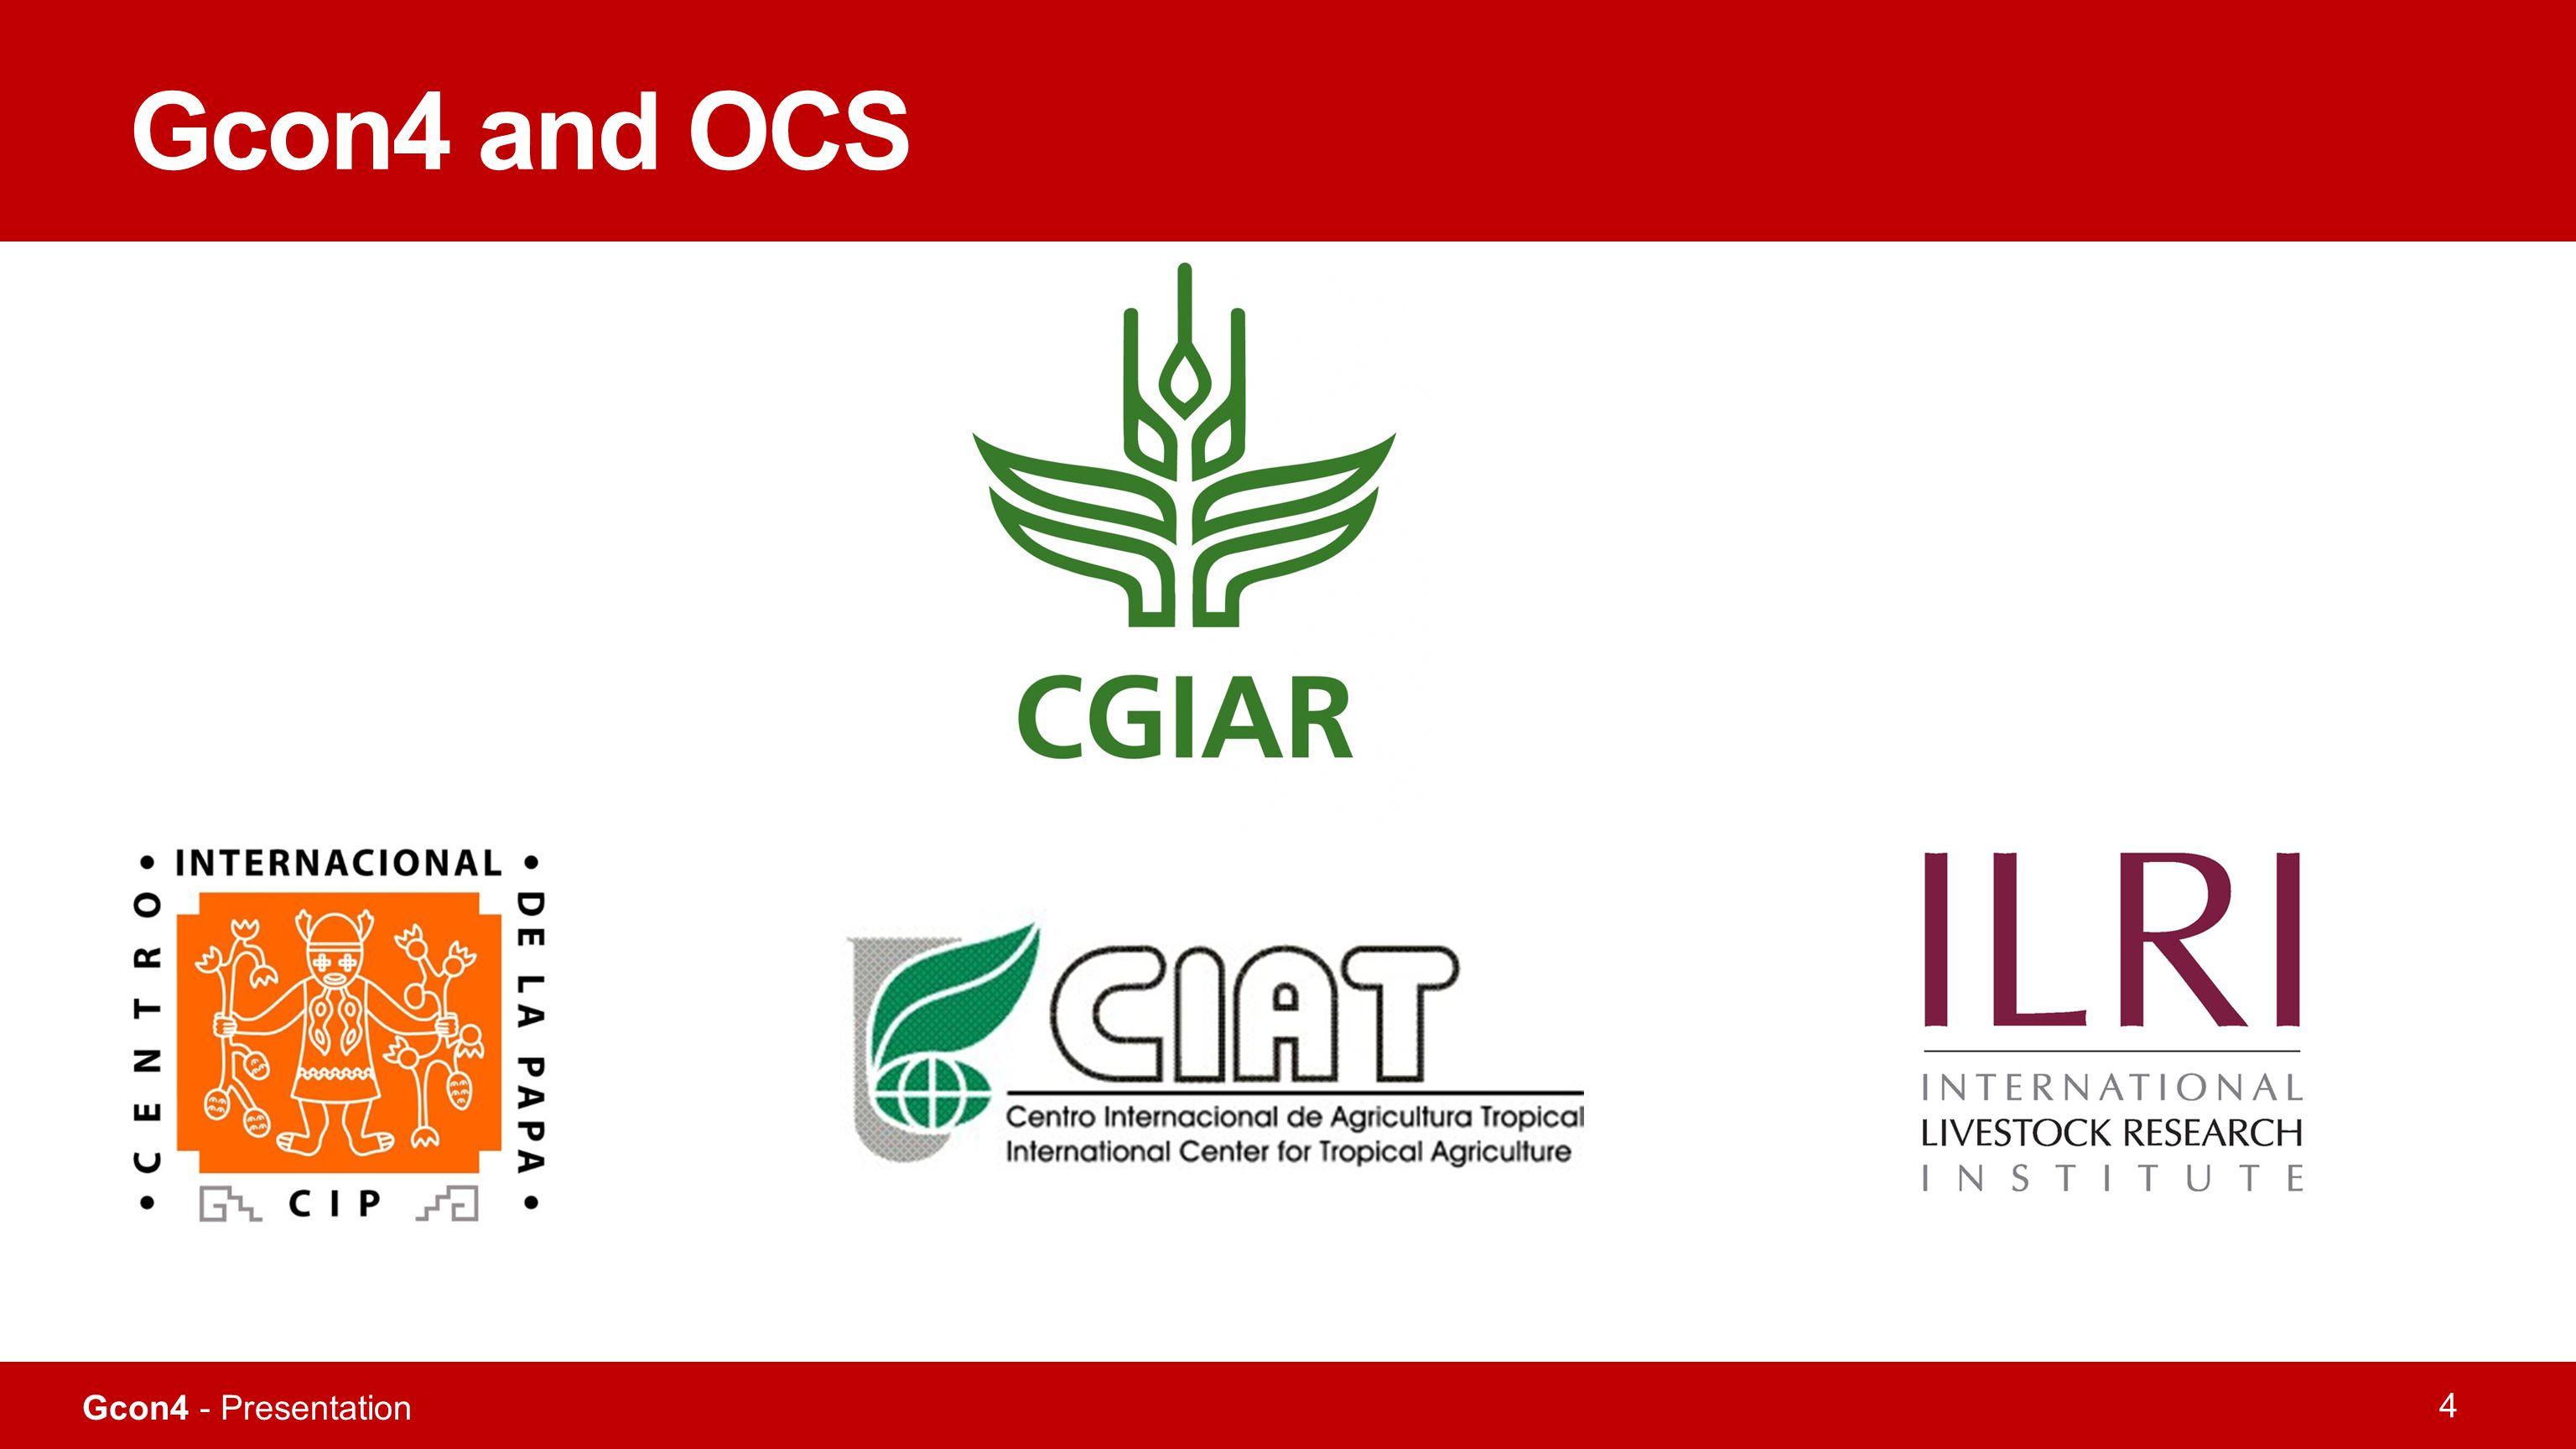 Gcon4 - Presentation 4 Gcon4 and OCS